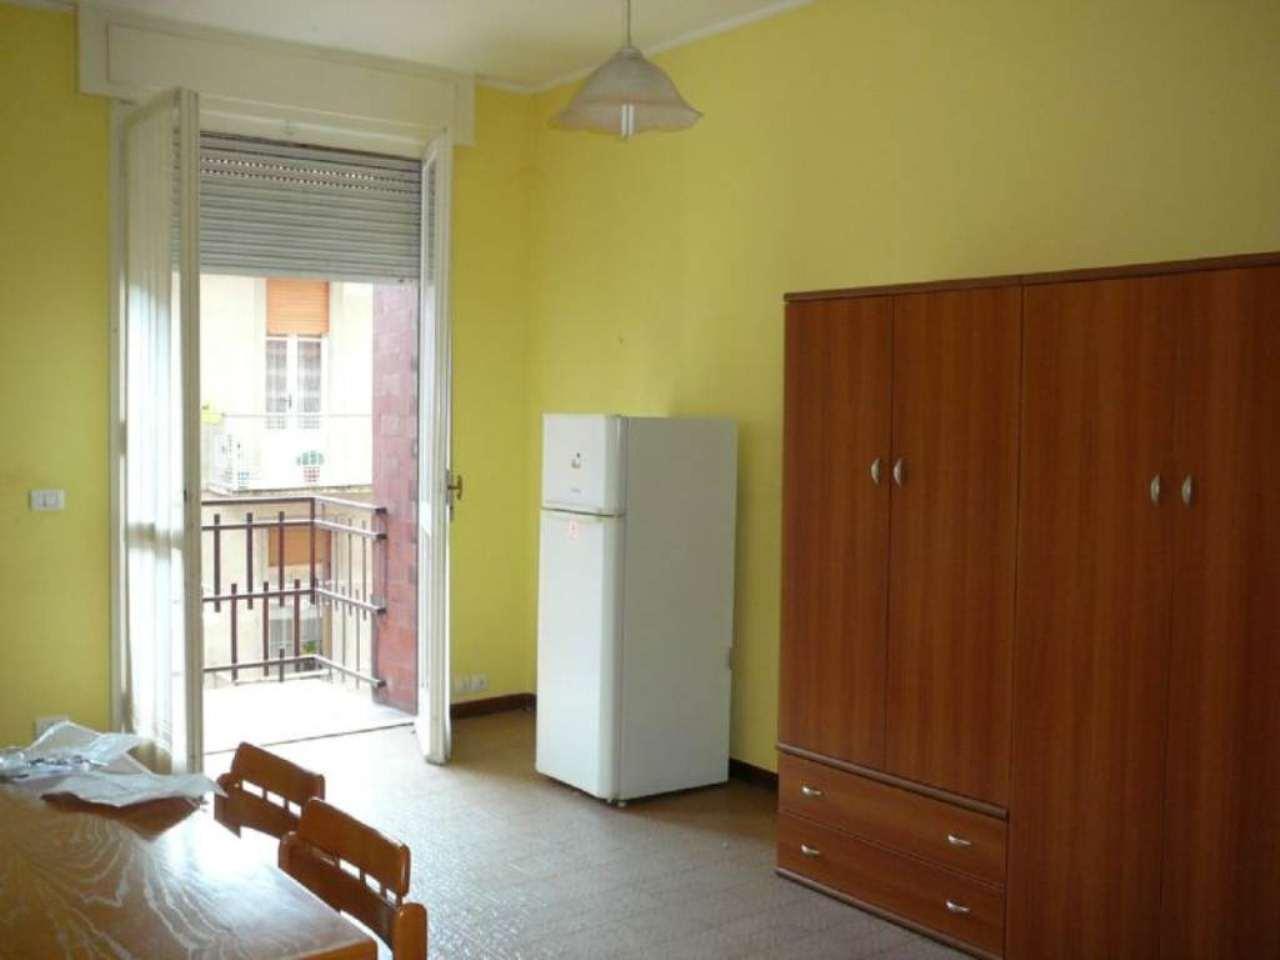 Bilocale Casale Monferrato Via Eleuterio Pagliano 1